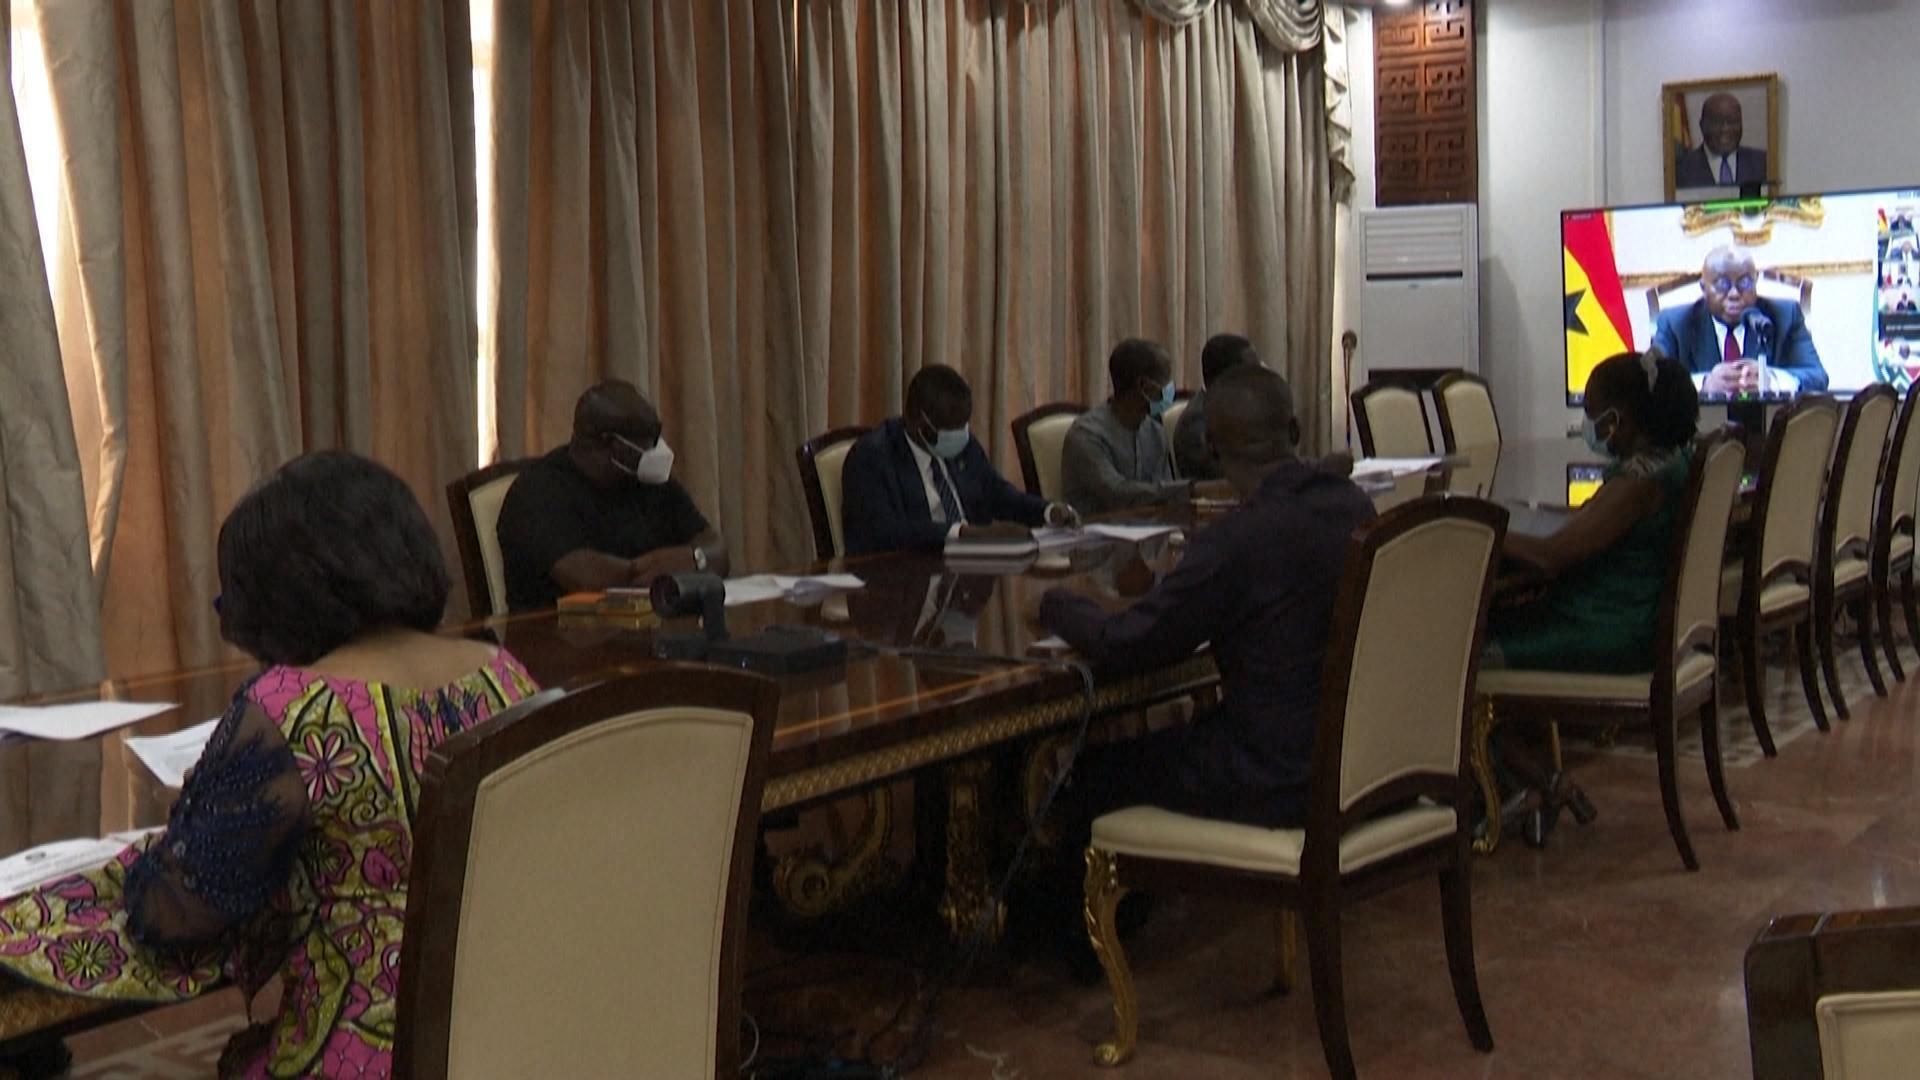 Réunion virtuelle de la Cédéao après le coup d'état en Guinée